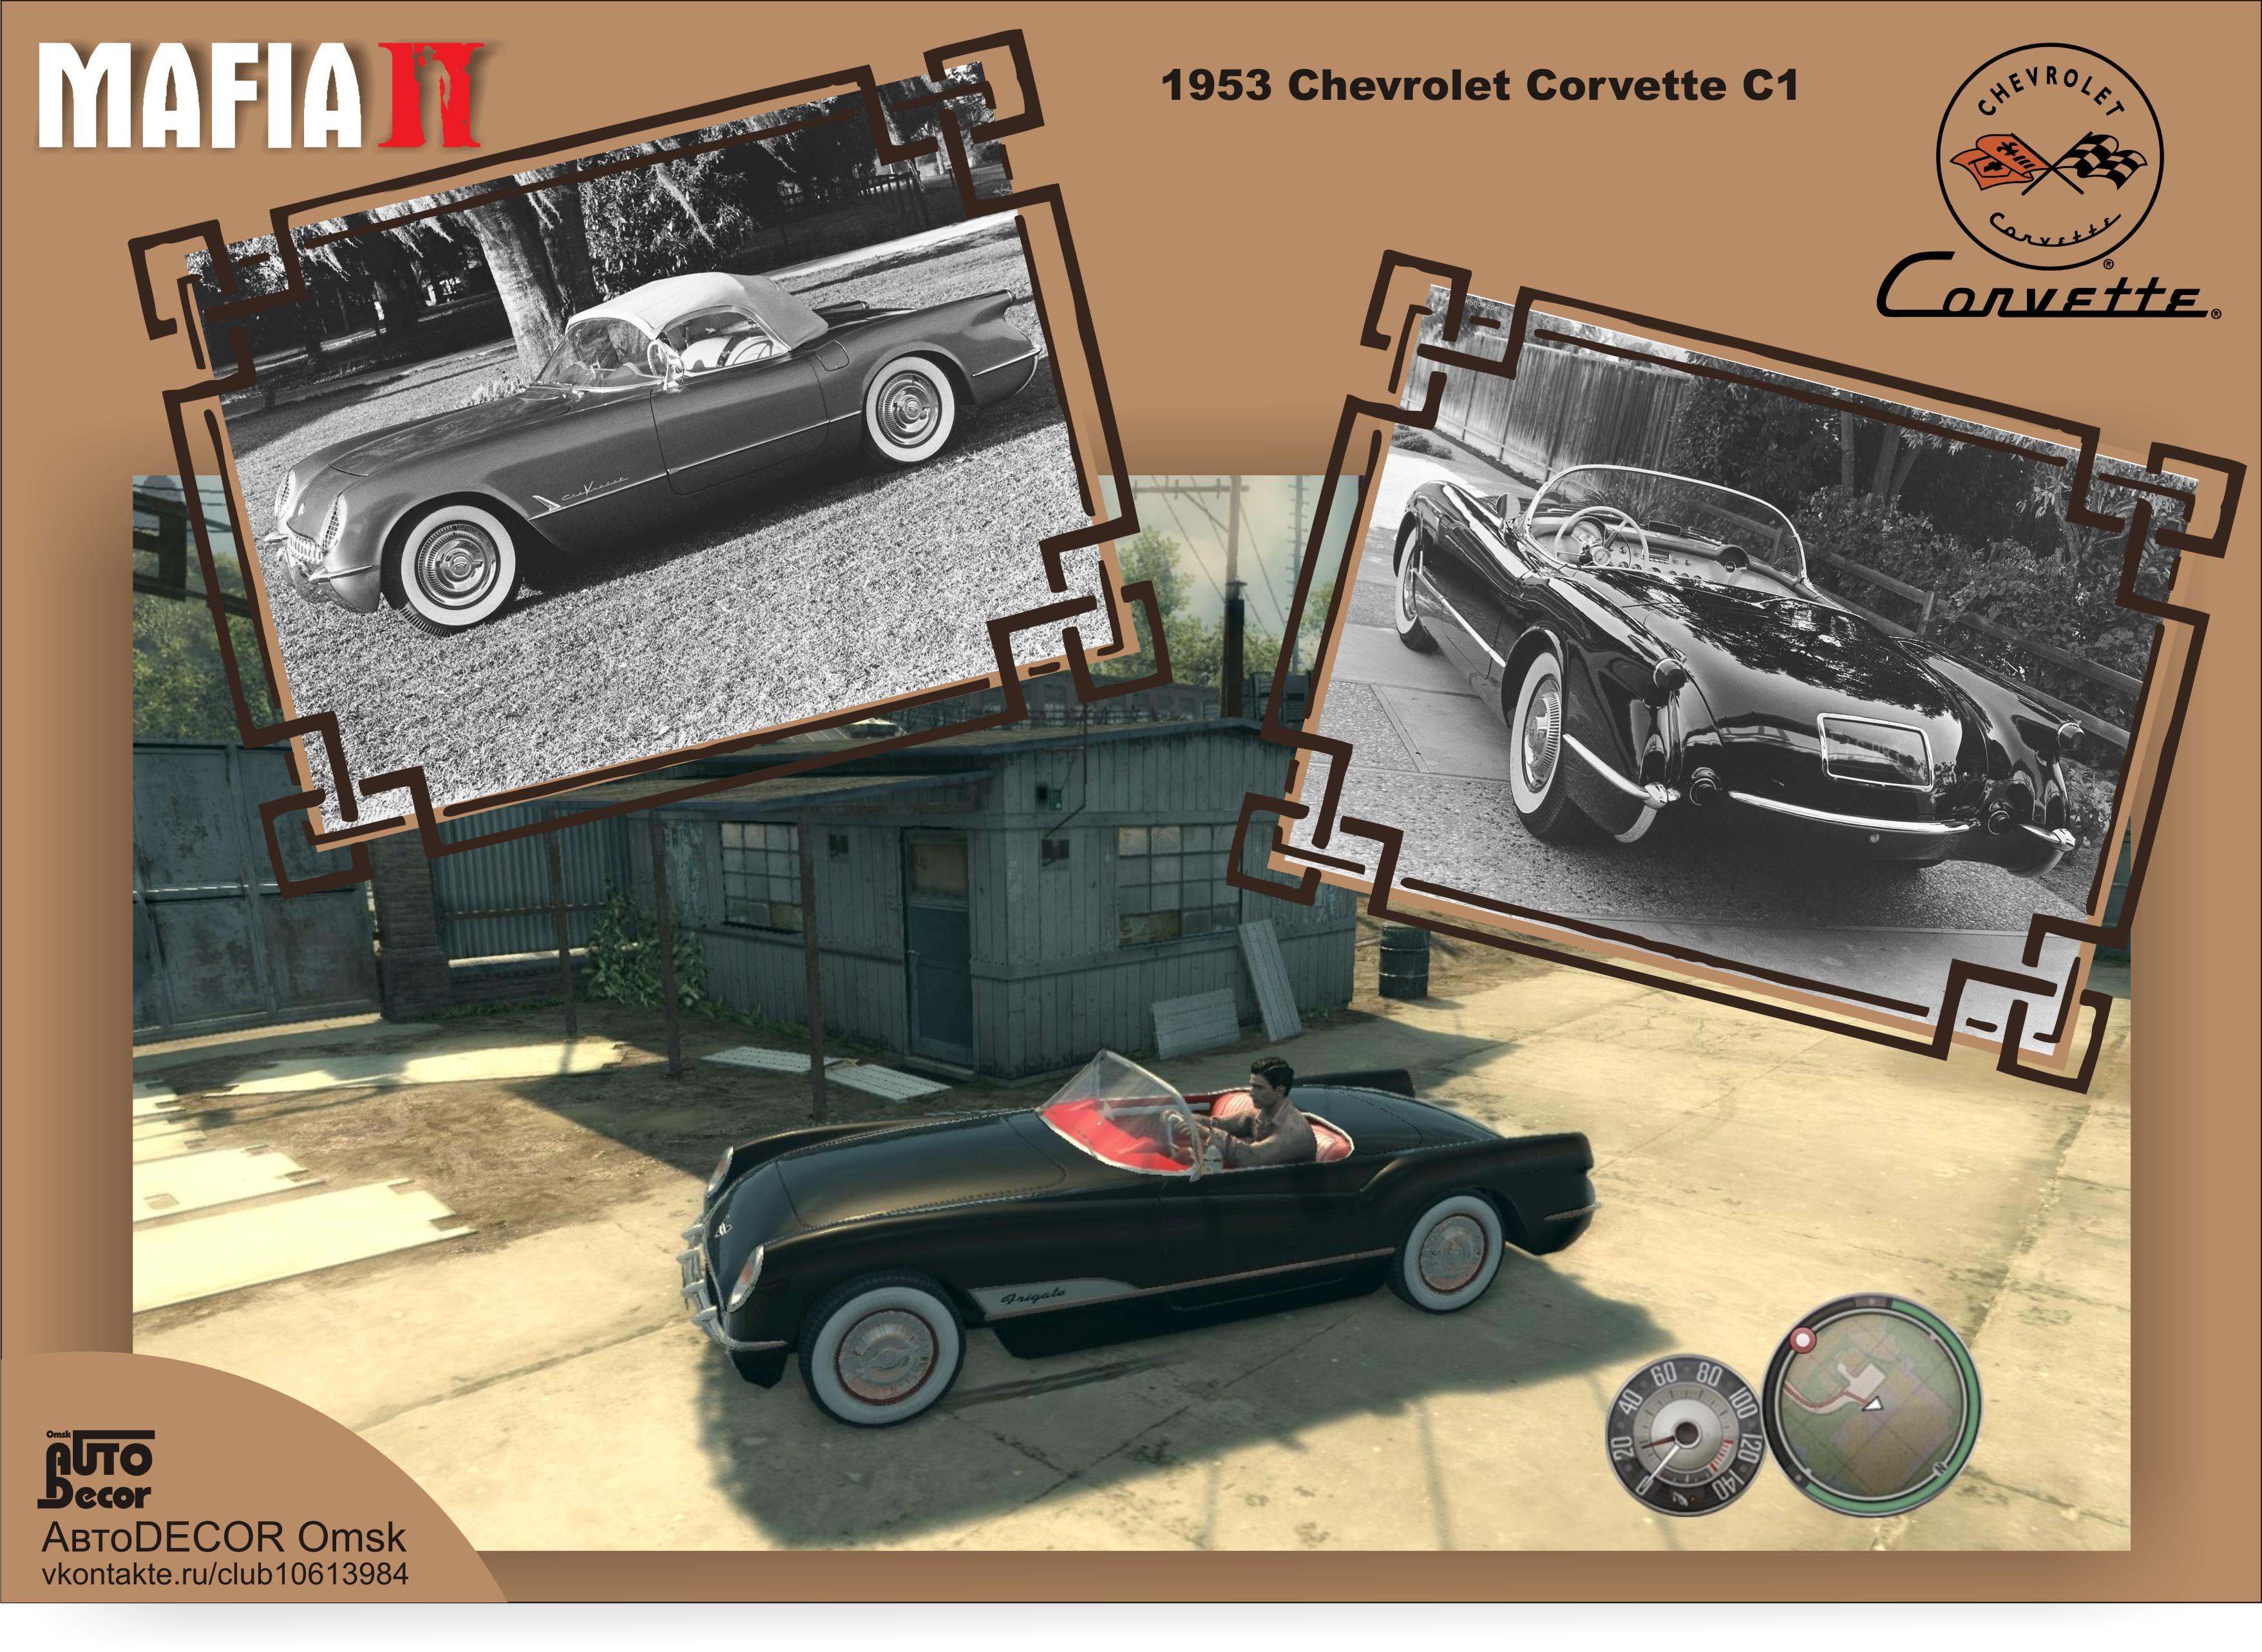 Corvette c1 - Mafia 2